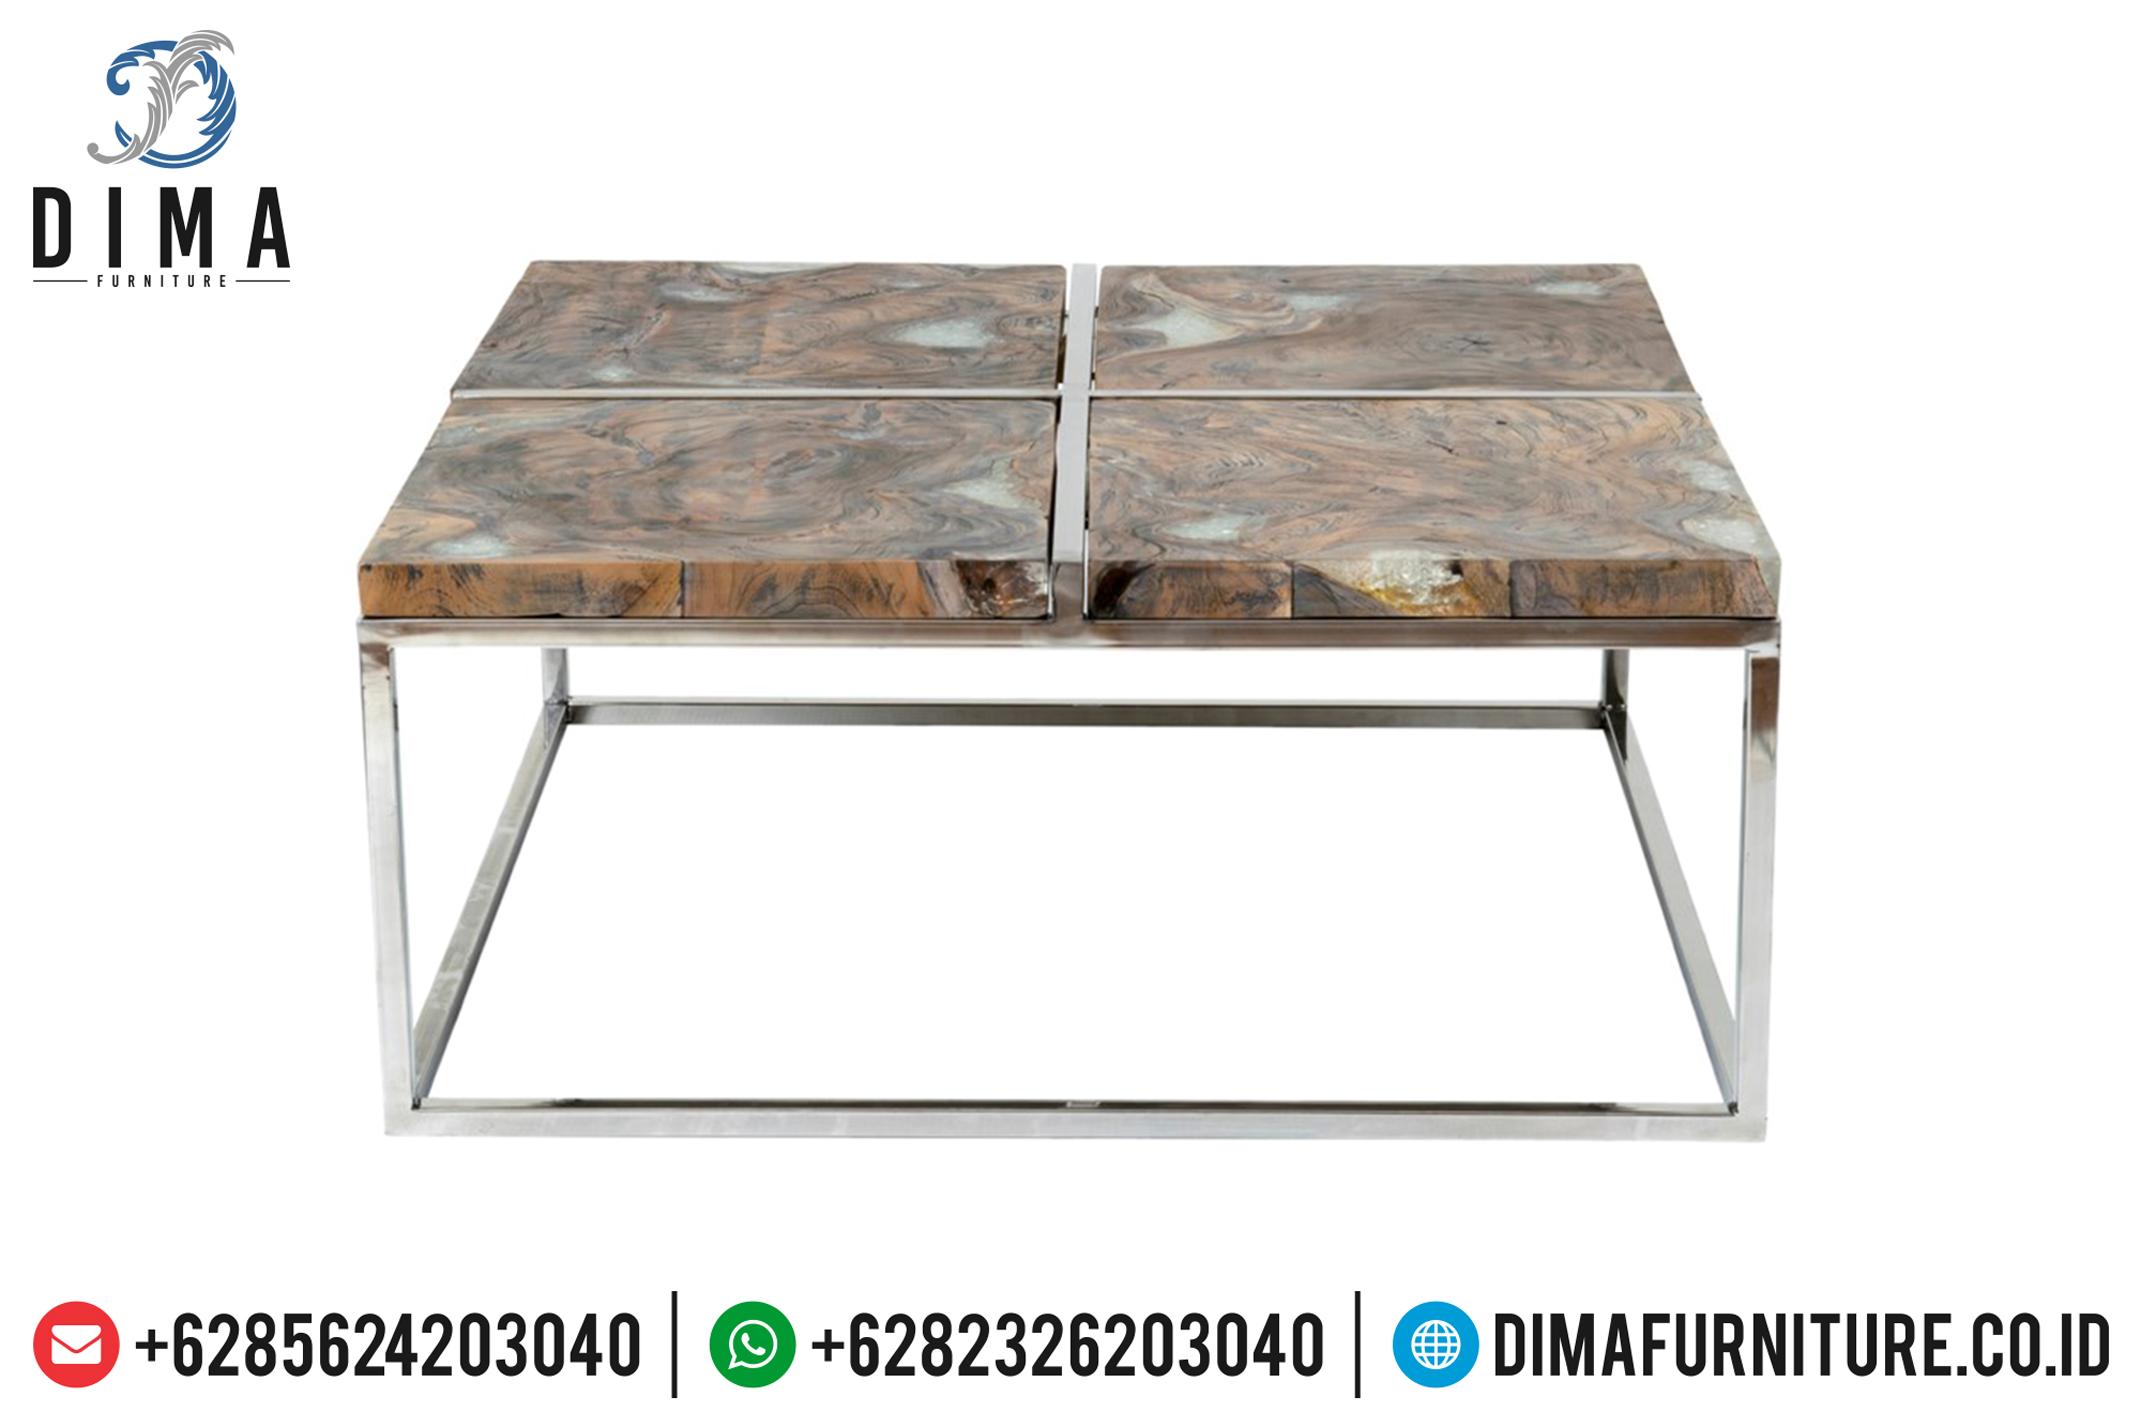 Mebel Jepara Meja Jati Minimalis Resin Furniture Indonesia Terbaru DF-0706